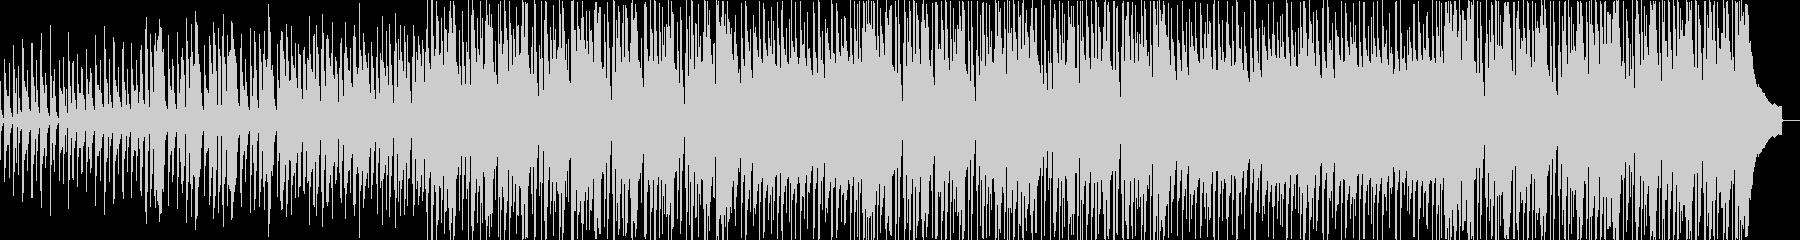 口笛、マリンバ、ほのぼの系日常BGMの未再生の波形